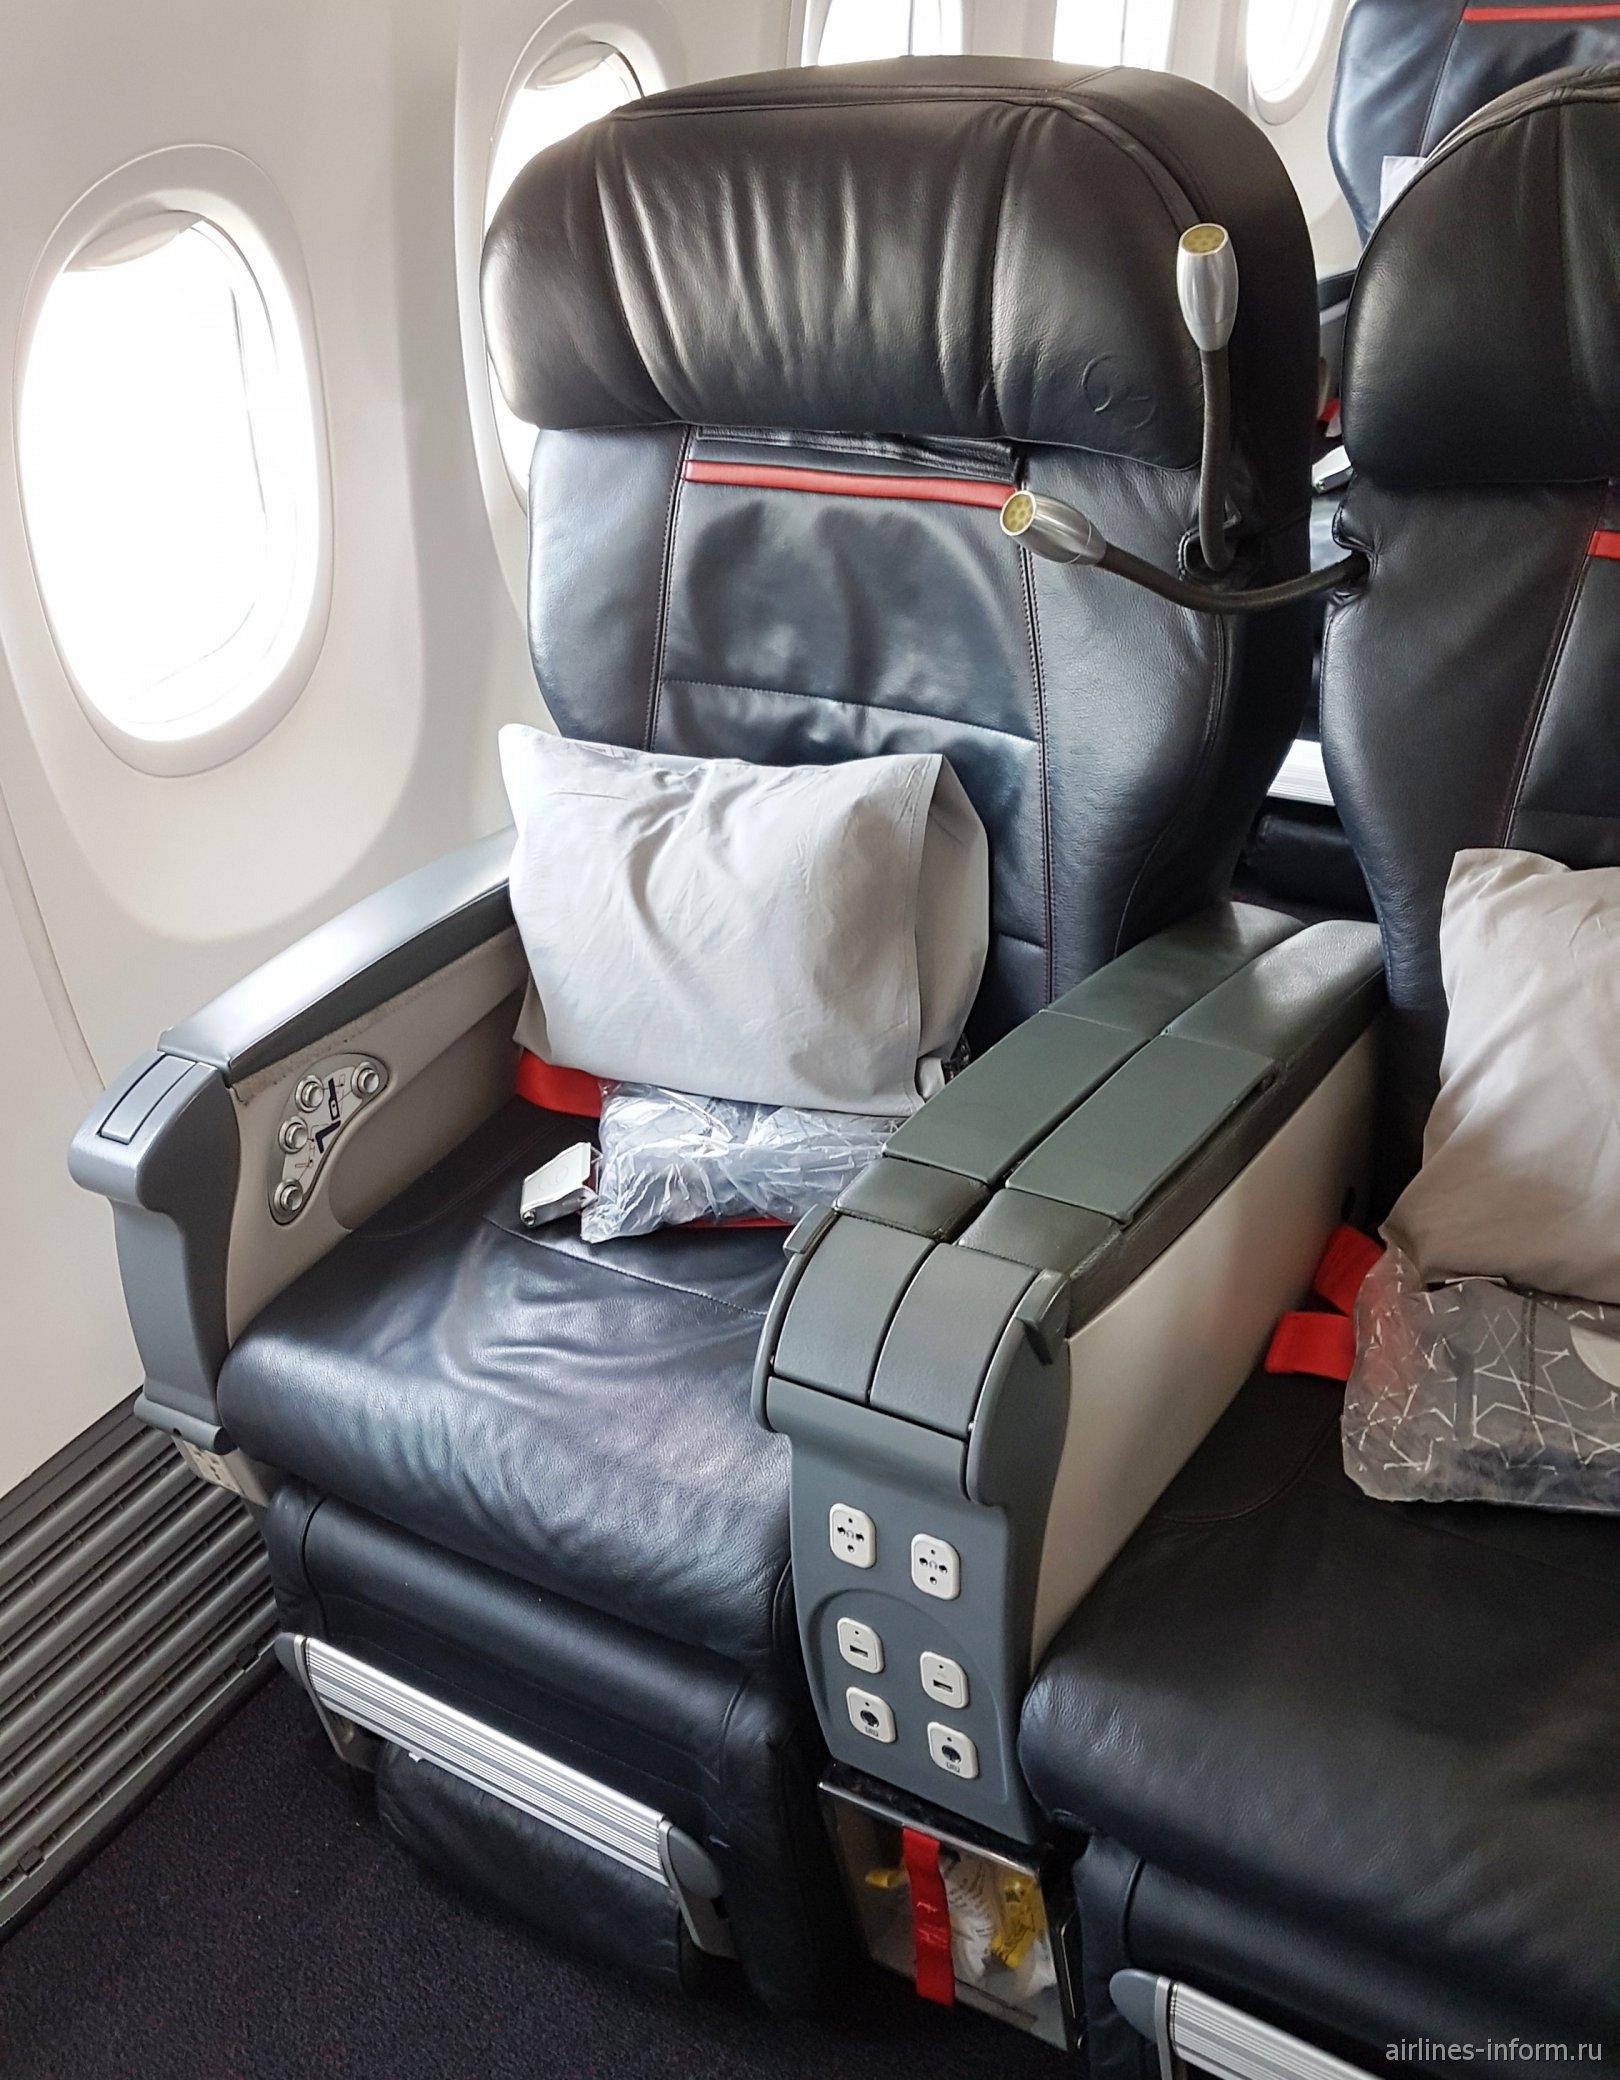 Кресло бизнес-класса в Боинге-737-900 Турецких авиалиний